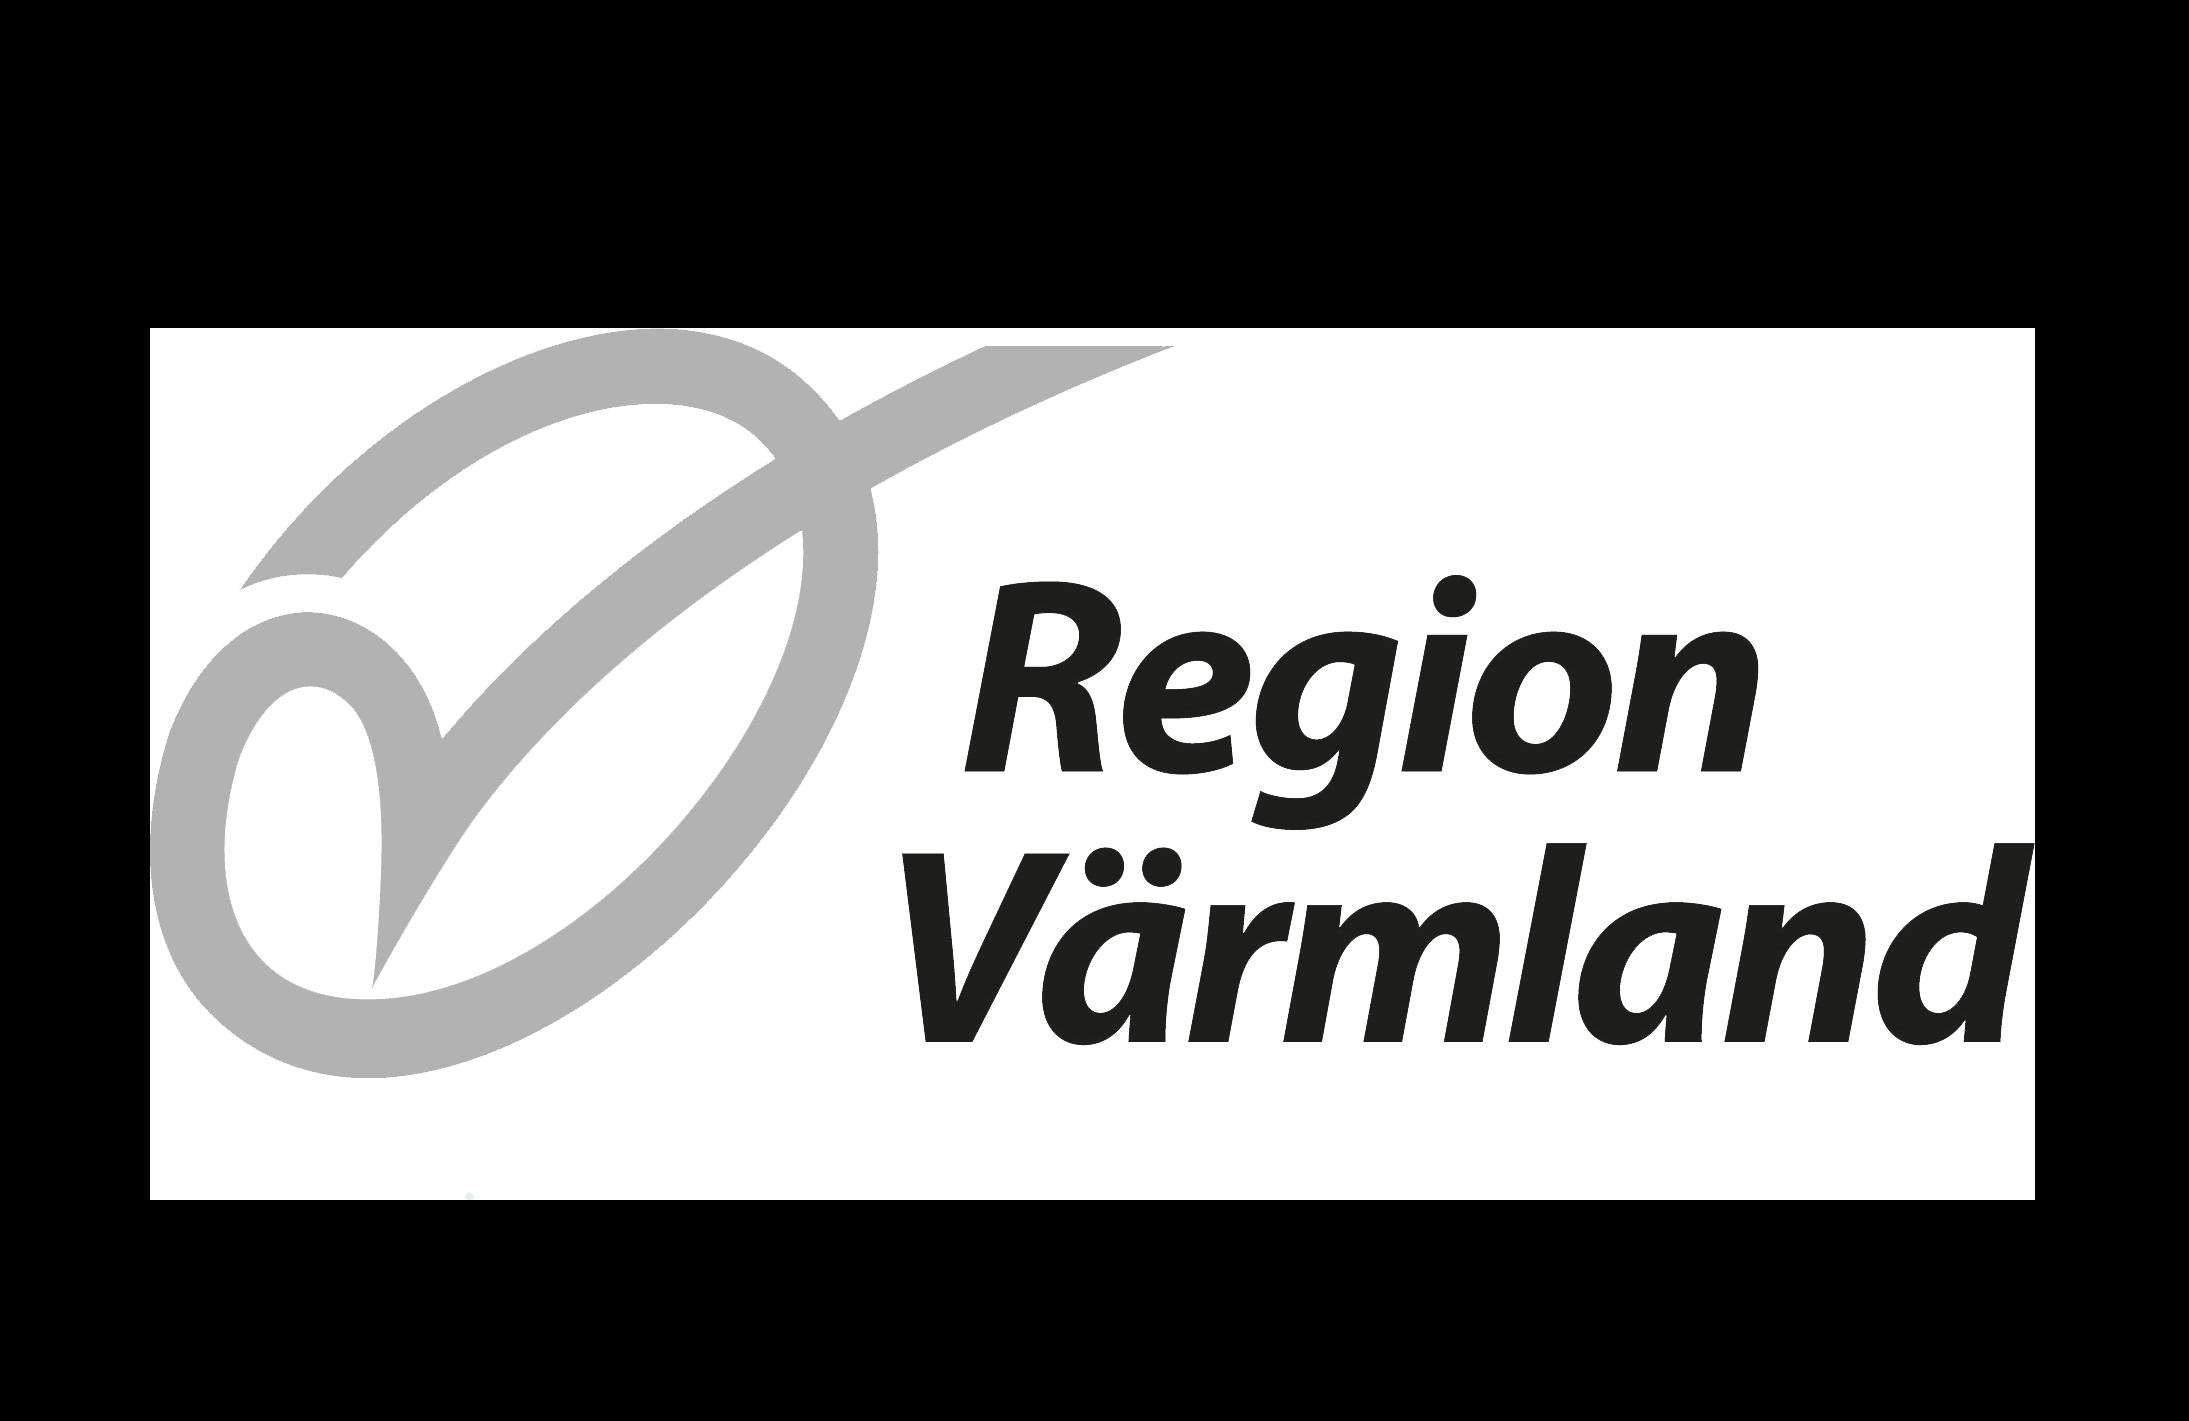 webregionvermlandmed_stod_av_rv_b-w.png